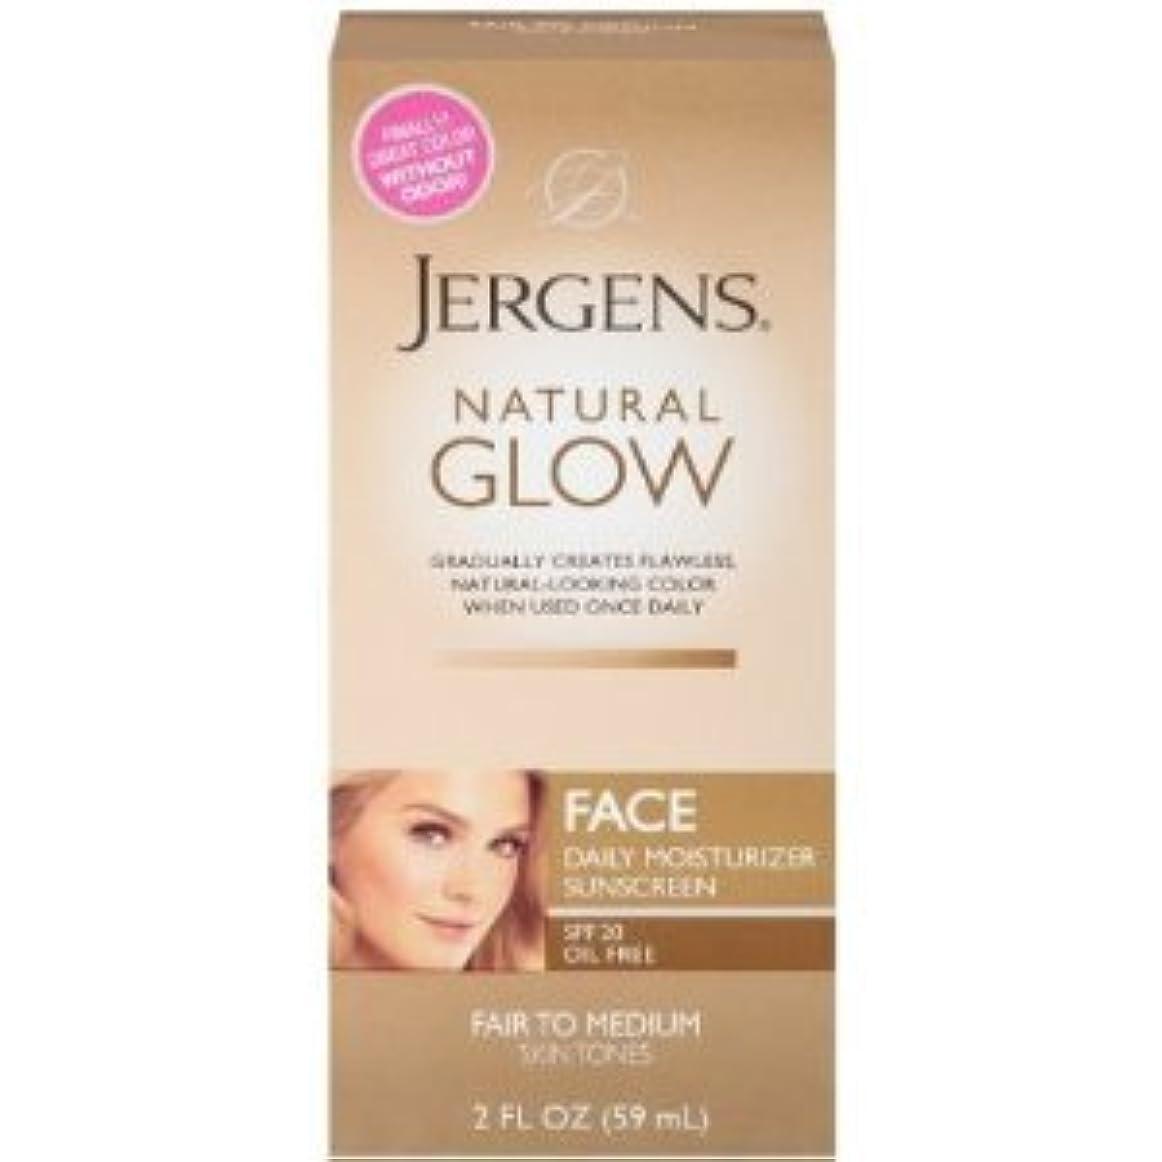 記念日何十人も悪意のあるNatural Glow Healthy Complexion Daily Facial Moisturizer, SPF 20, Fair to Medium Tan, (59ml) (海外直送品)